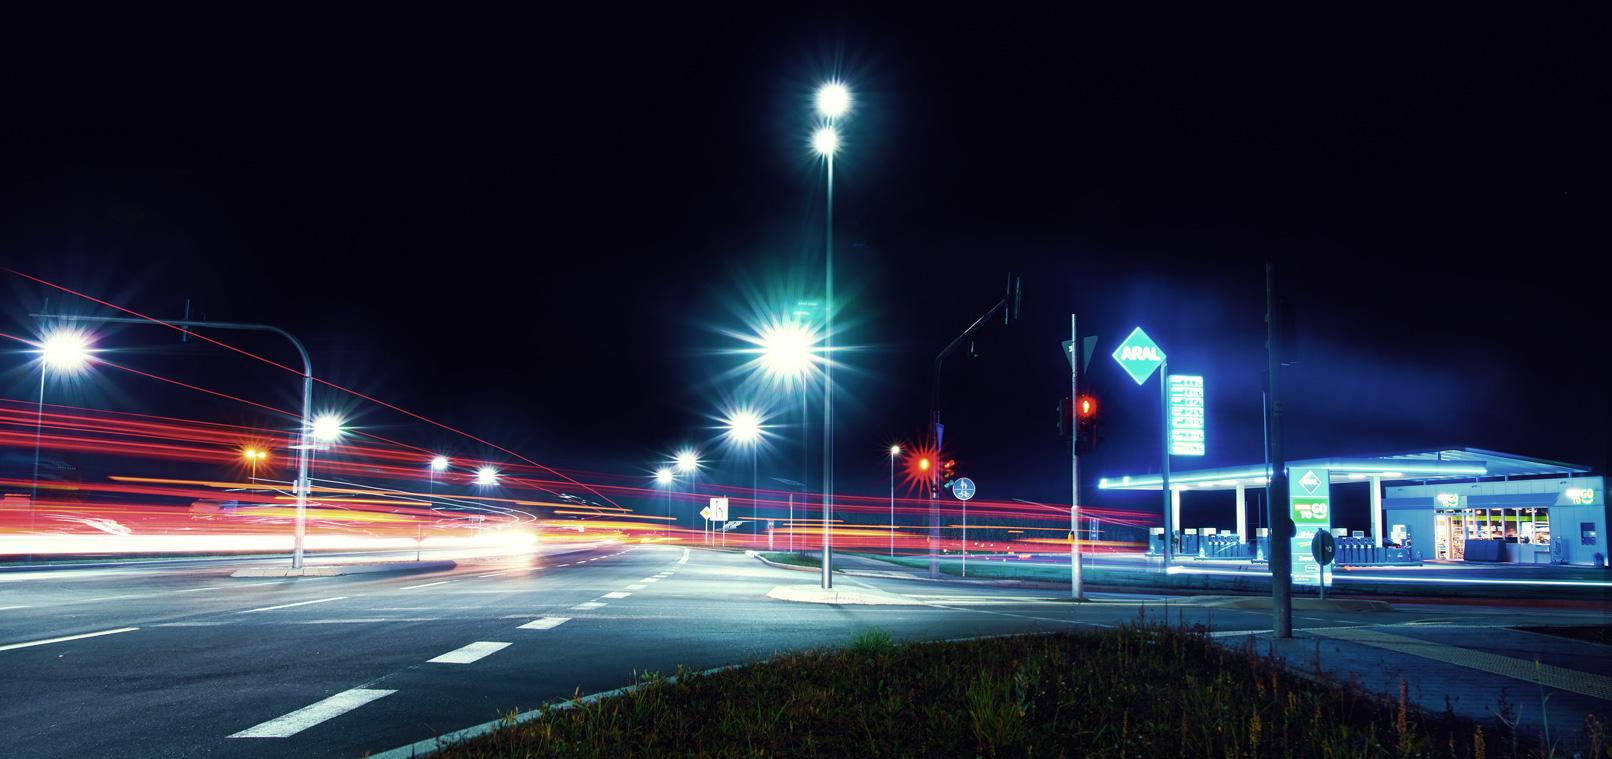 Lichtschweife des Straßenverkehrs, aufgenommen in der Nacht.